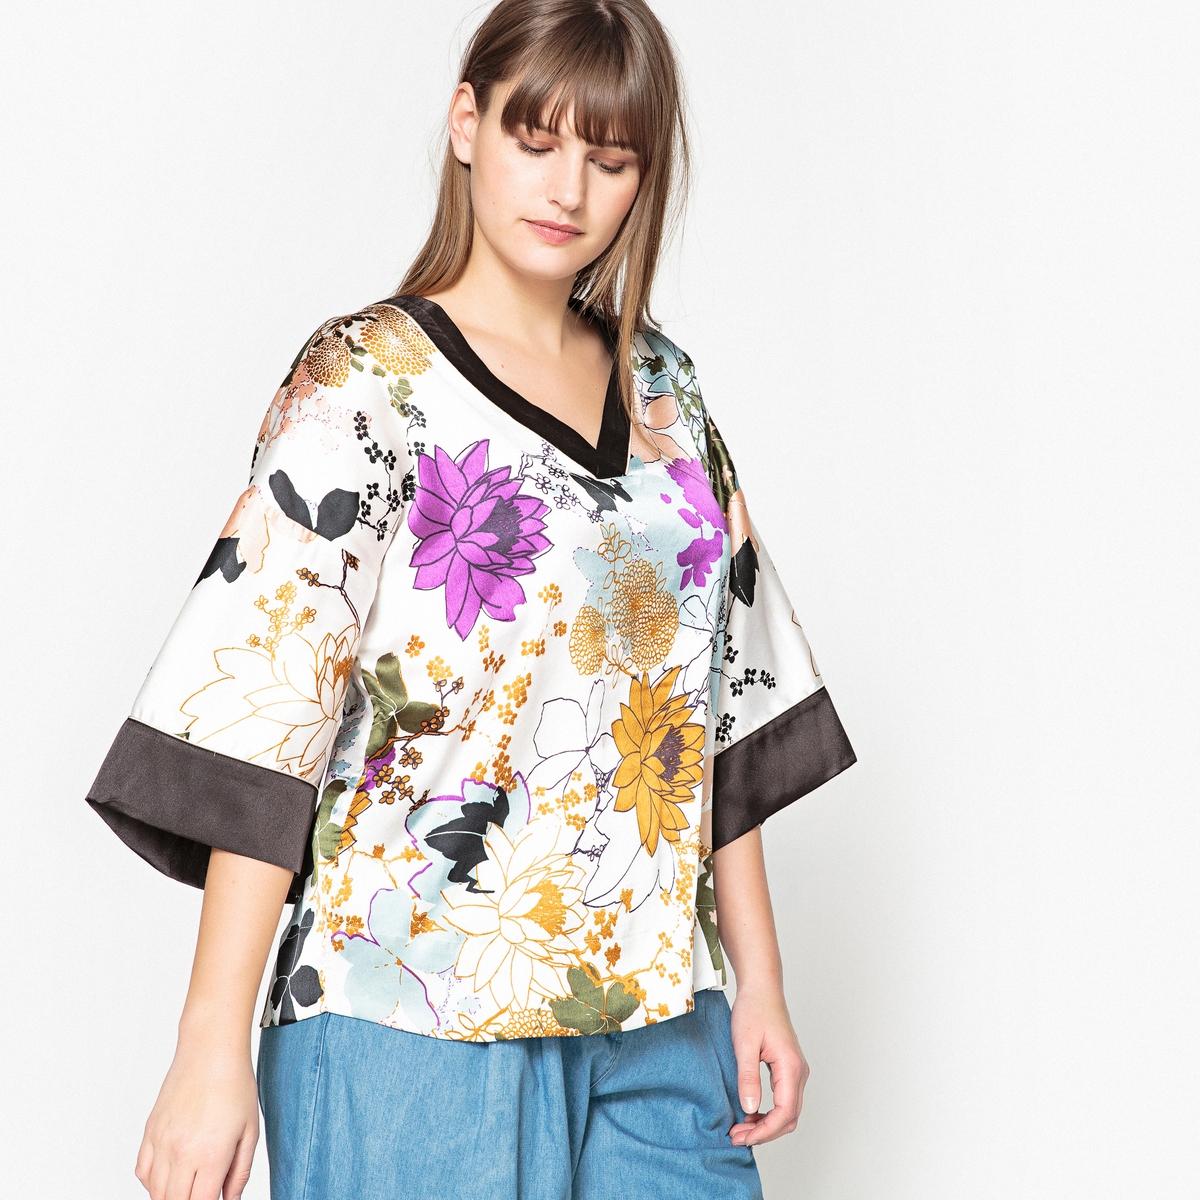 Блузка с V-образным вырезом, цветочным рисунком  короткими рукавами-кимоно